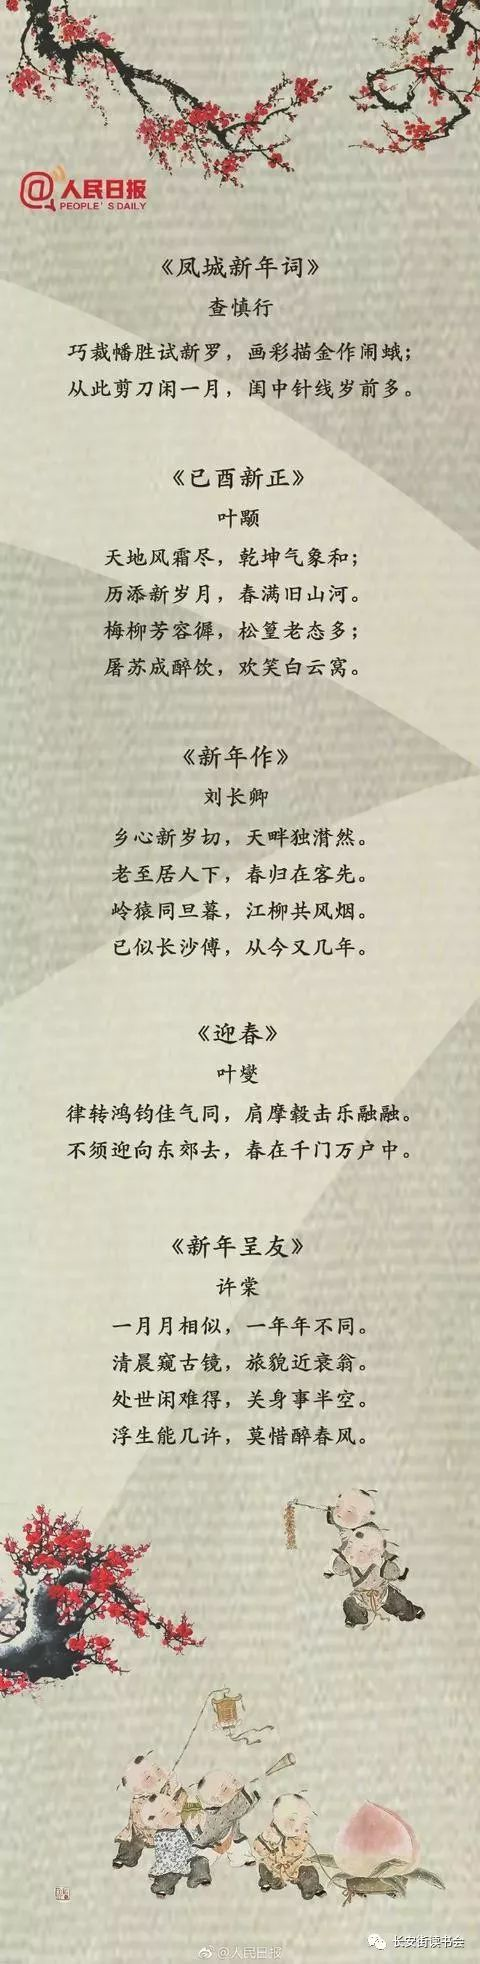 【关于生意的对联】600字美文摘抄